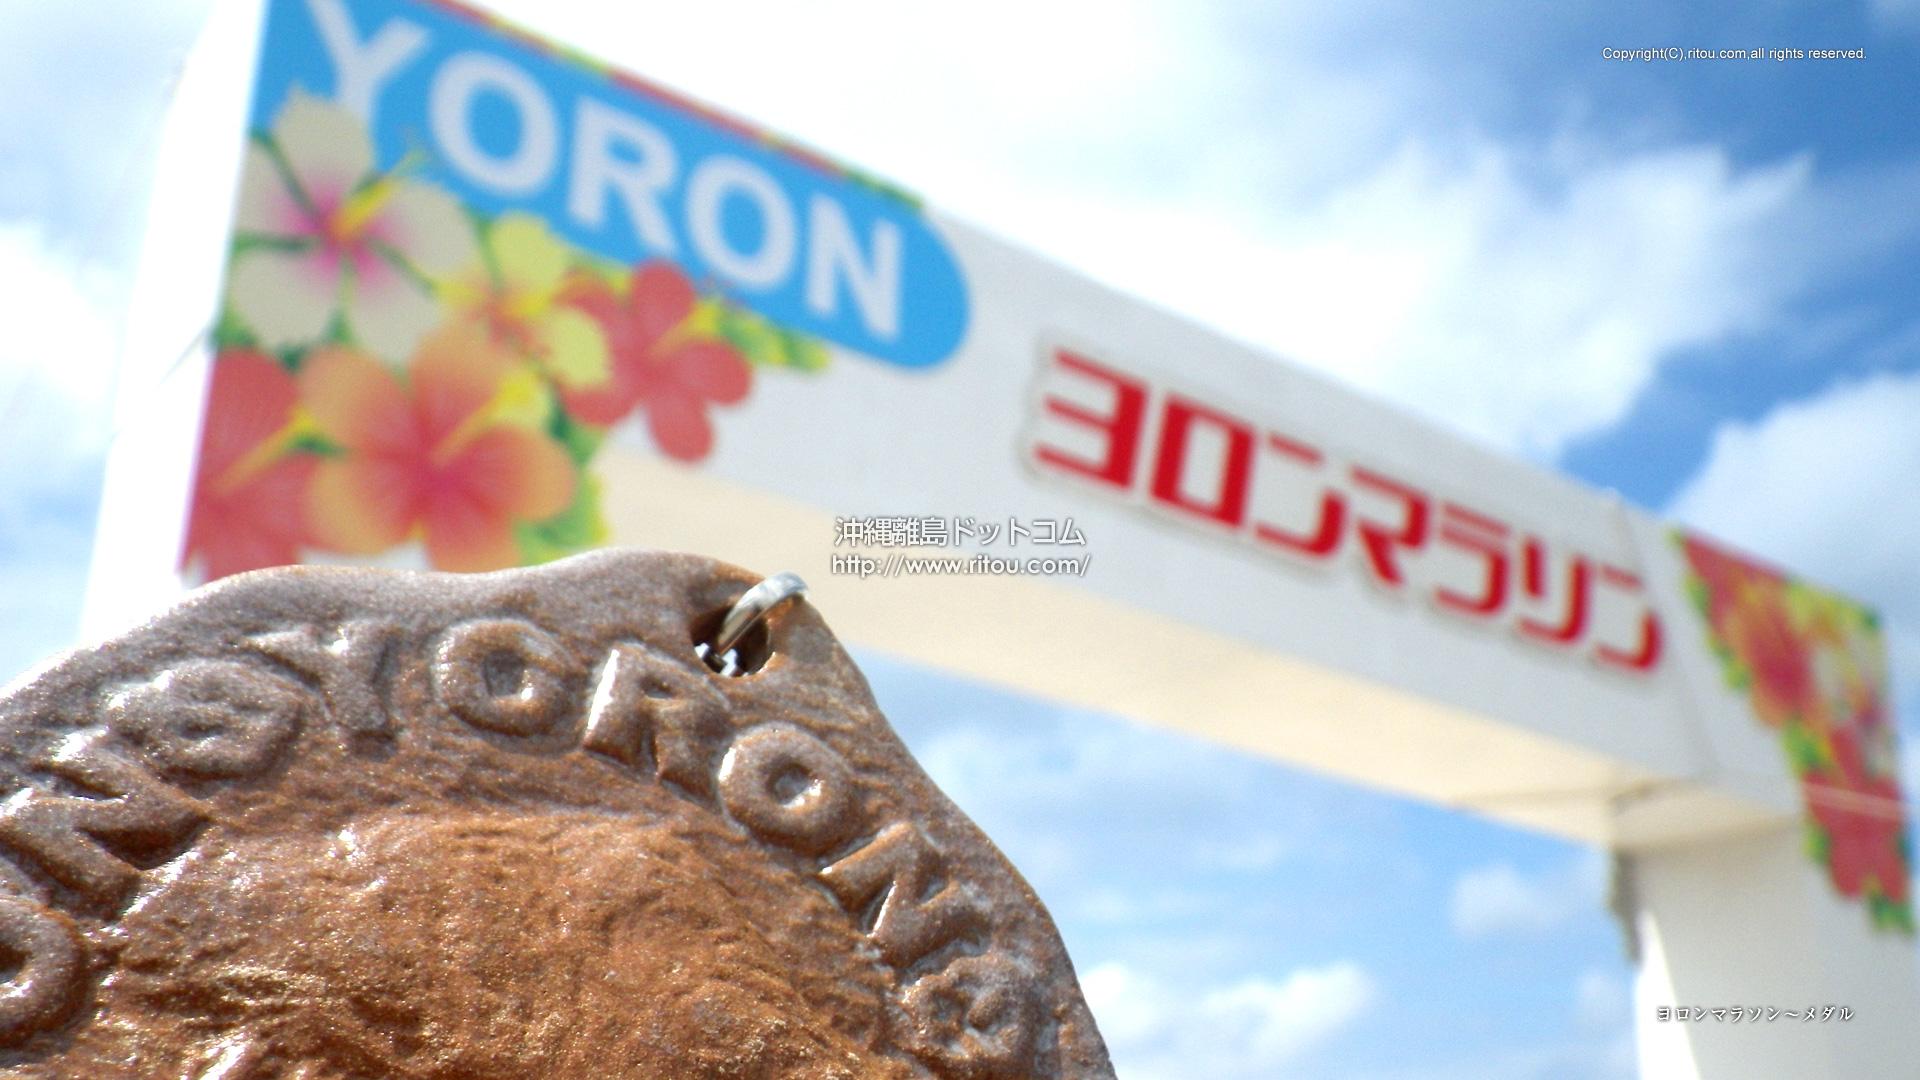 ヨロンマラソン〜メダル